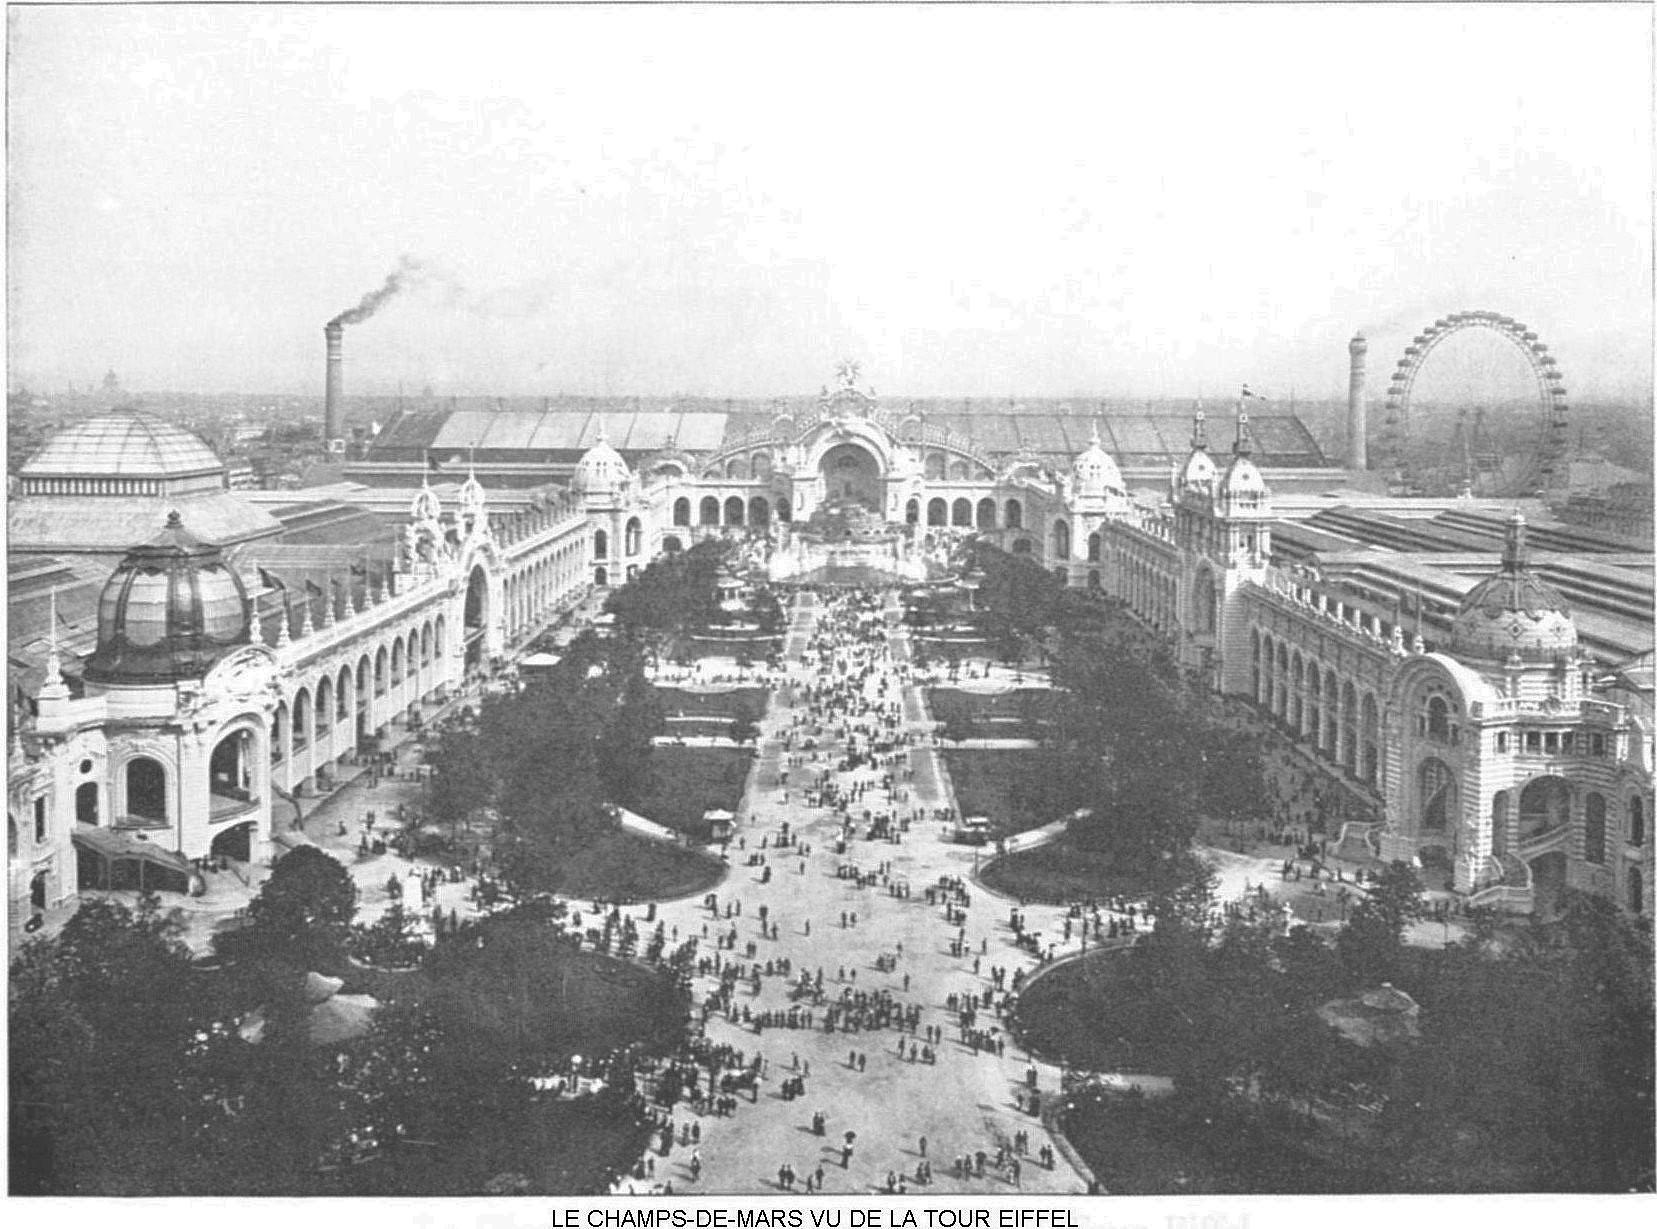 Ressources histoire exposition universelle 1900 le champ de mars vu de la tour eiffel